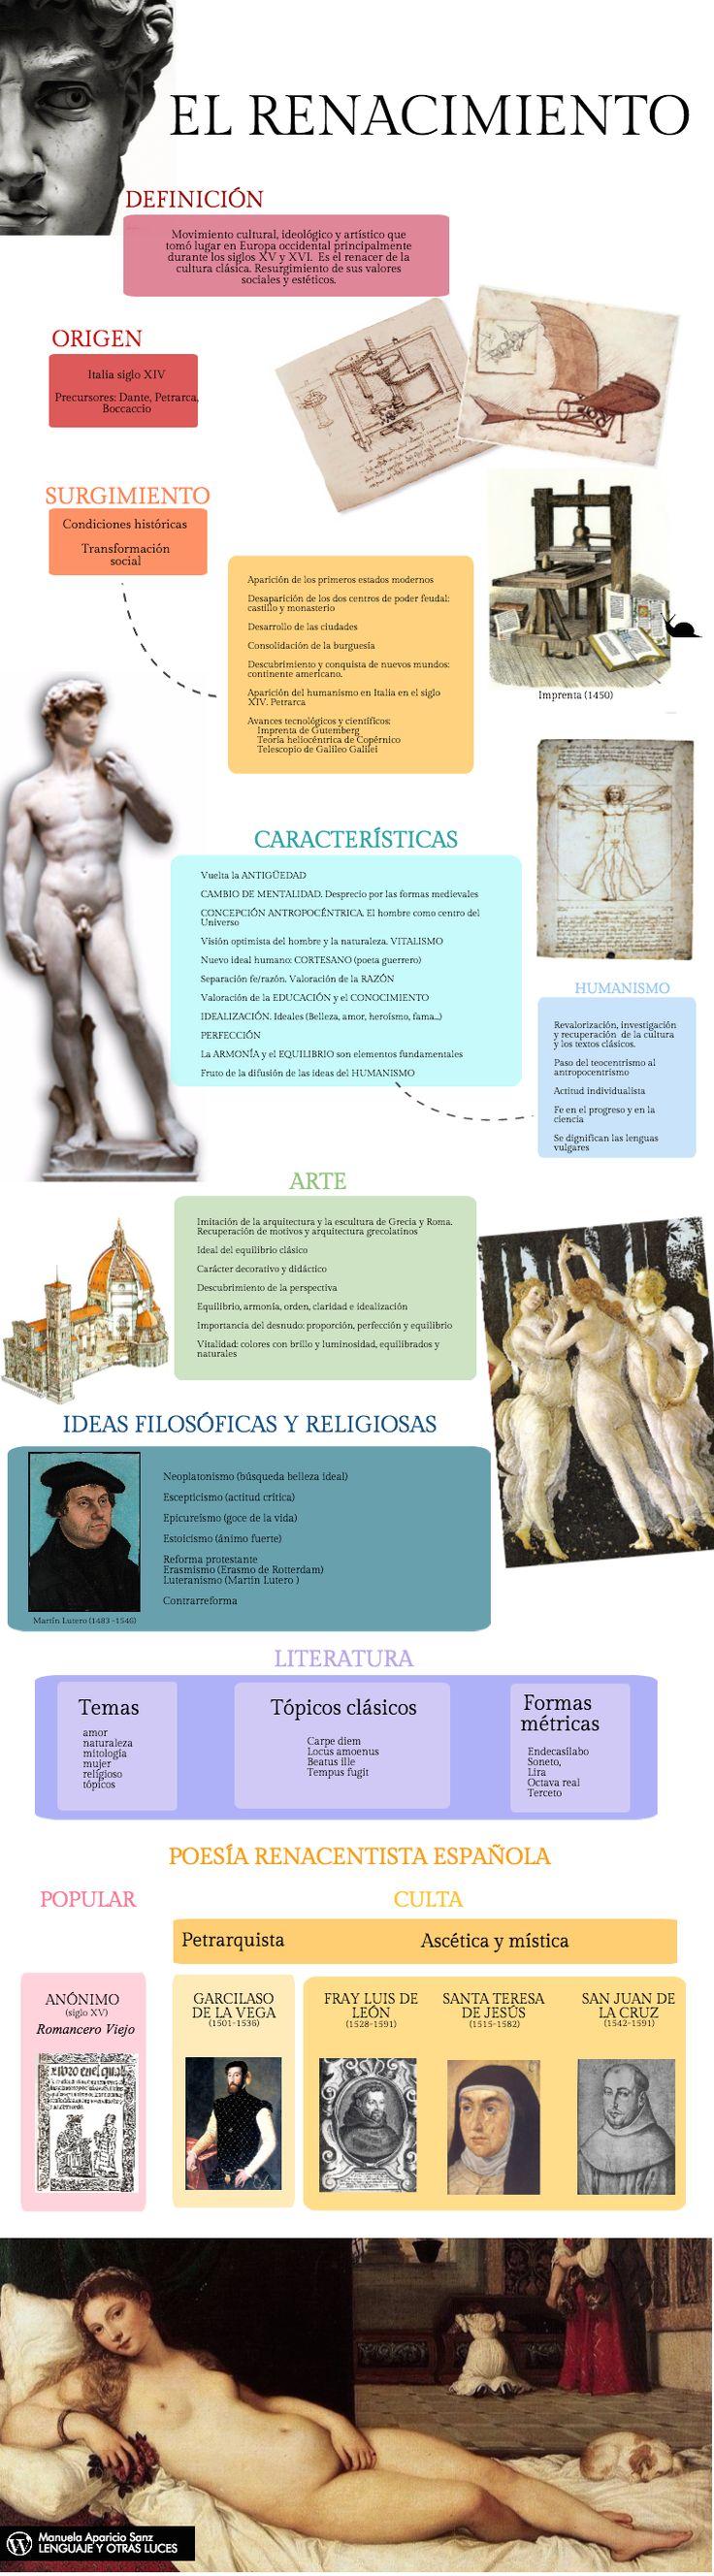 El Renacimiento #spanishfacts